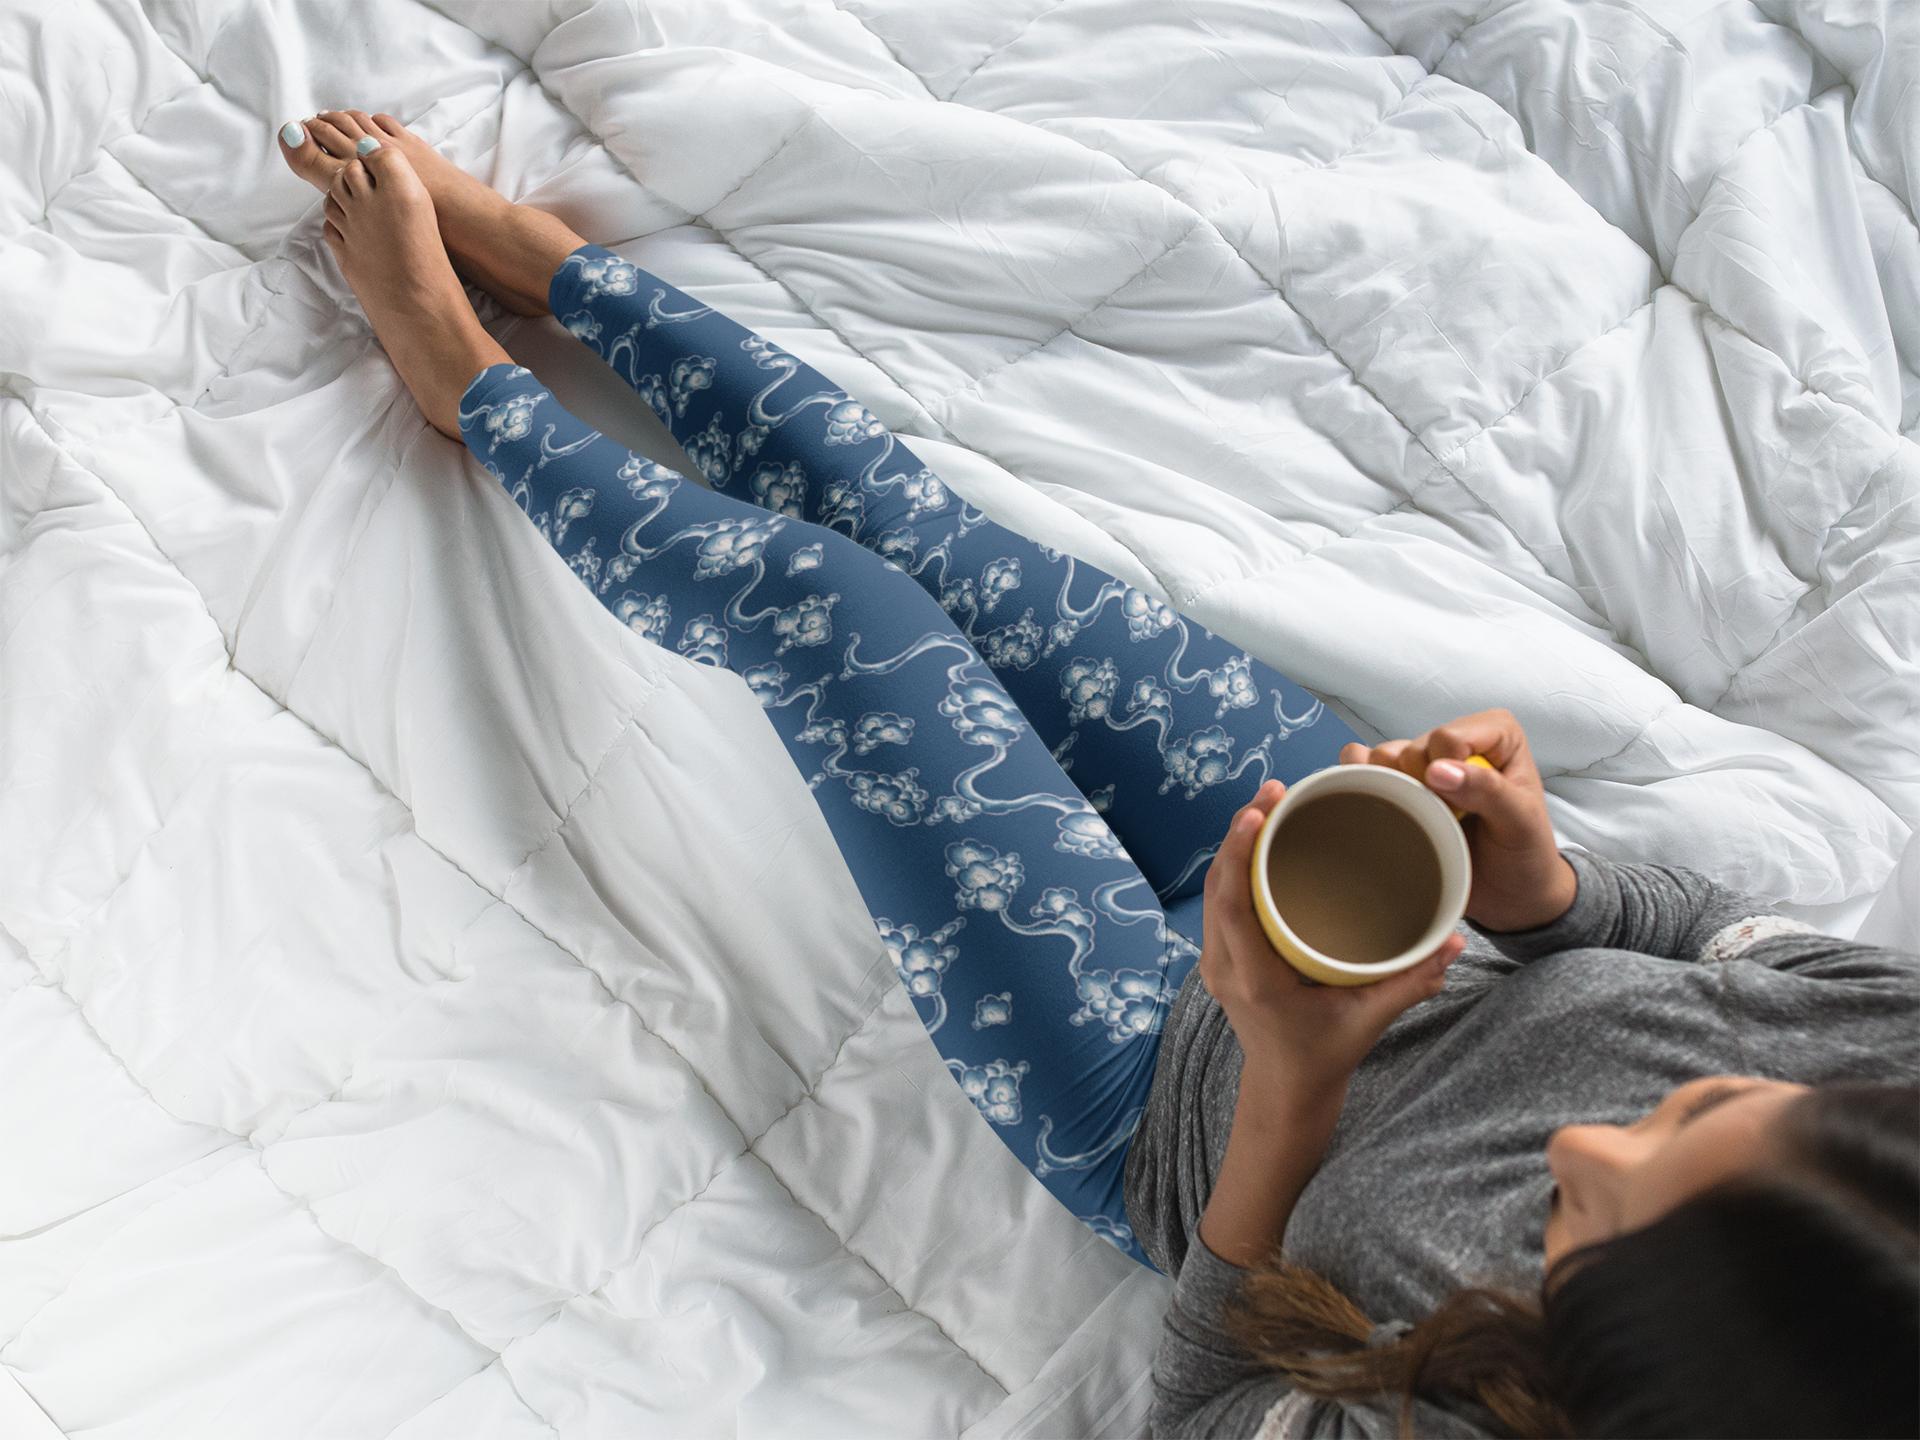 Blue Blue Mist Leggings on Bed.png